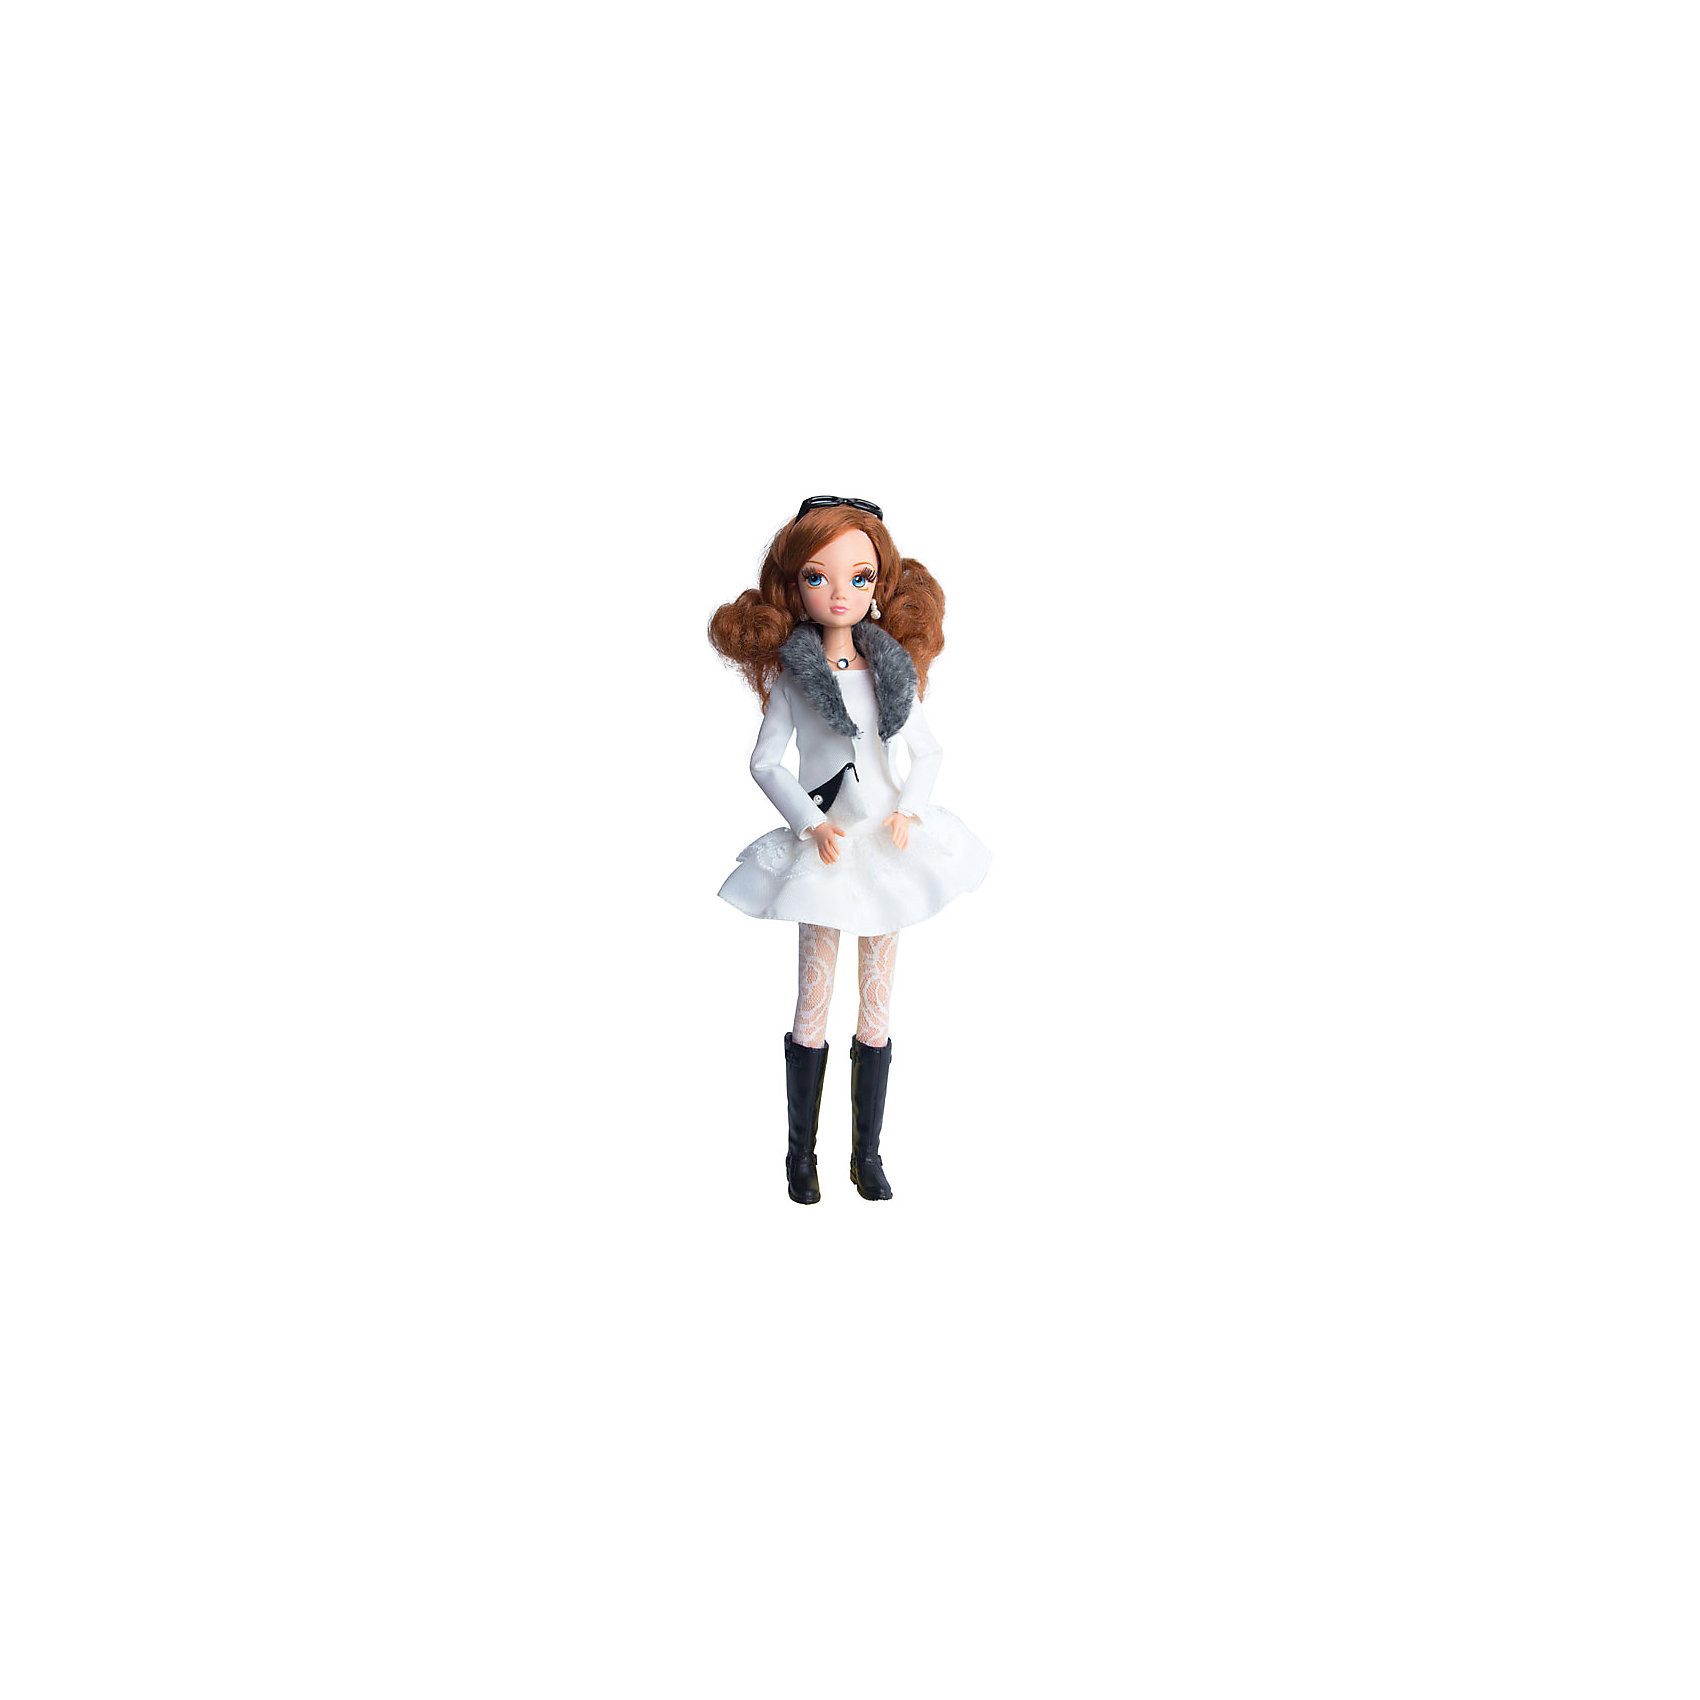 Кукла в белом костюме, серия Daily collection, Sonya Rose<br><br>Ширина мм: 170<br>Глубина мм: 340<br>Высота мм: 70<br>Вес г: 345<br>Возраст от месяцев: 36<br>Возраст до месяцев: 2147483647<br>Пол: Женский<br>Возраст: Детский<br>SKU: 5079161